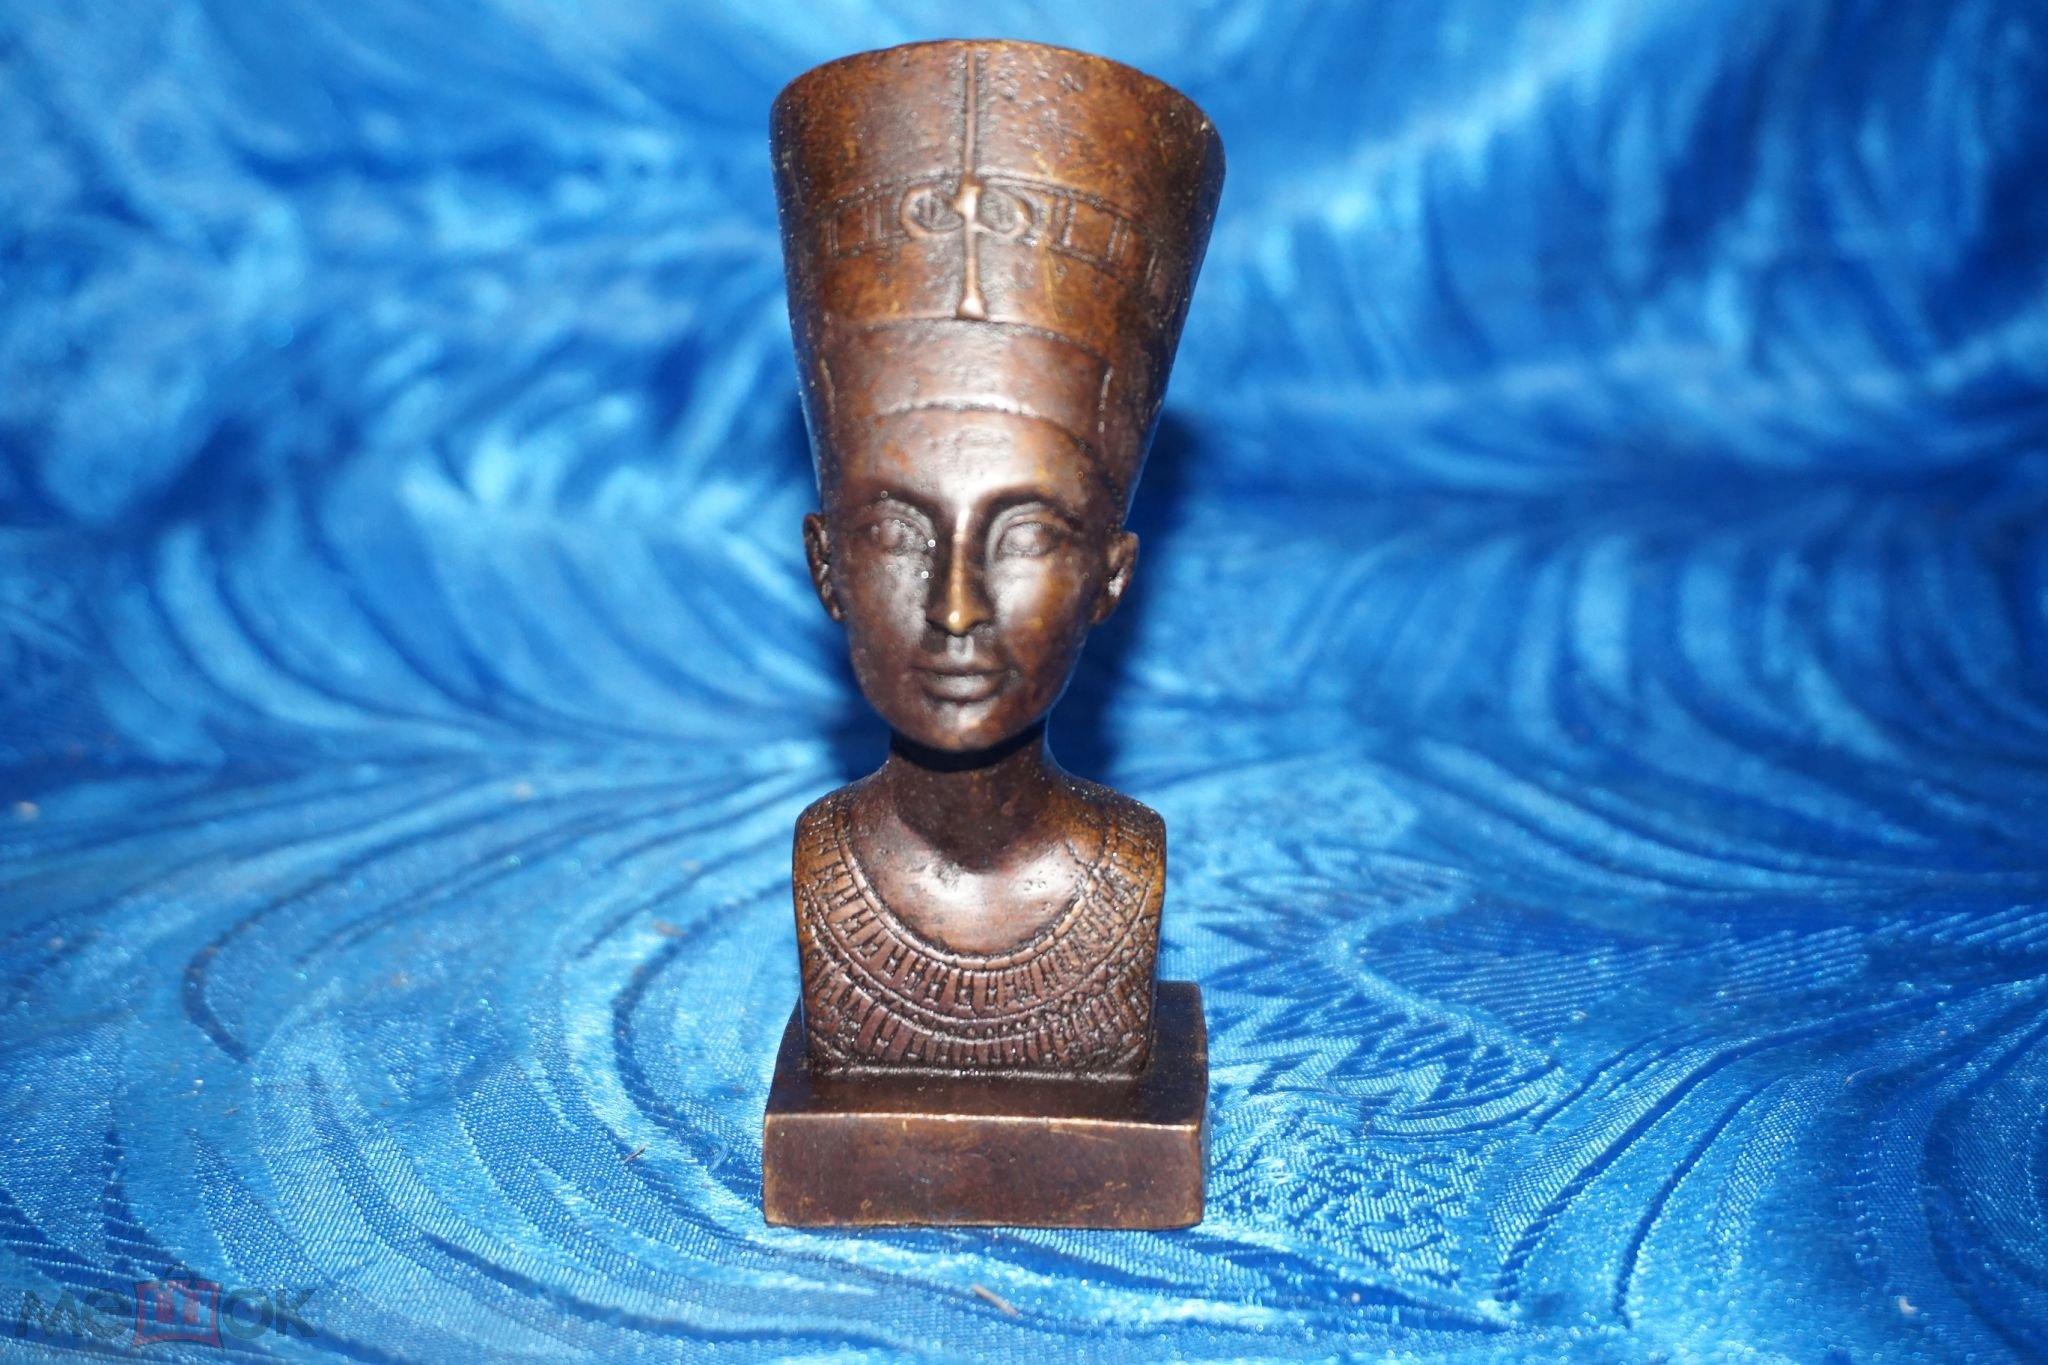 Бронзовая коллекционная Фигура -Фигурка Статуэтка Скульптура 11 см